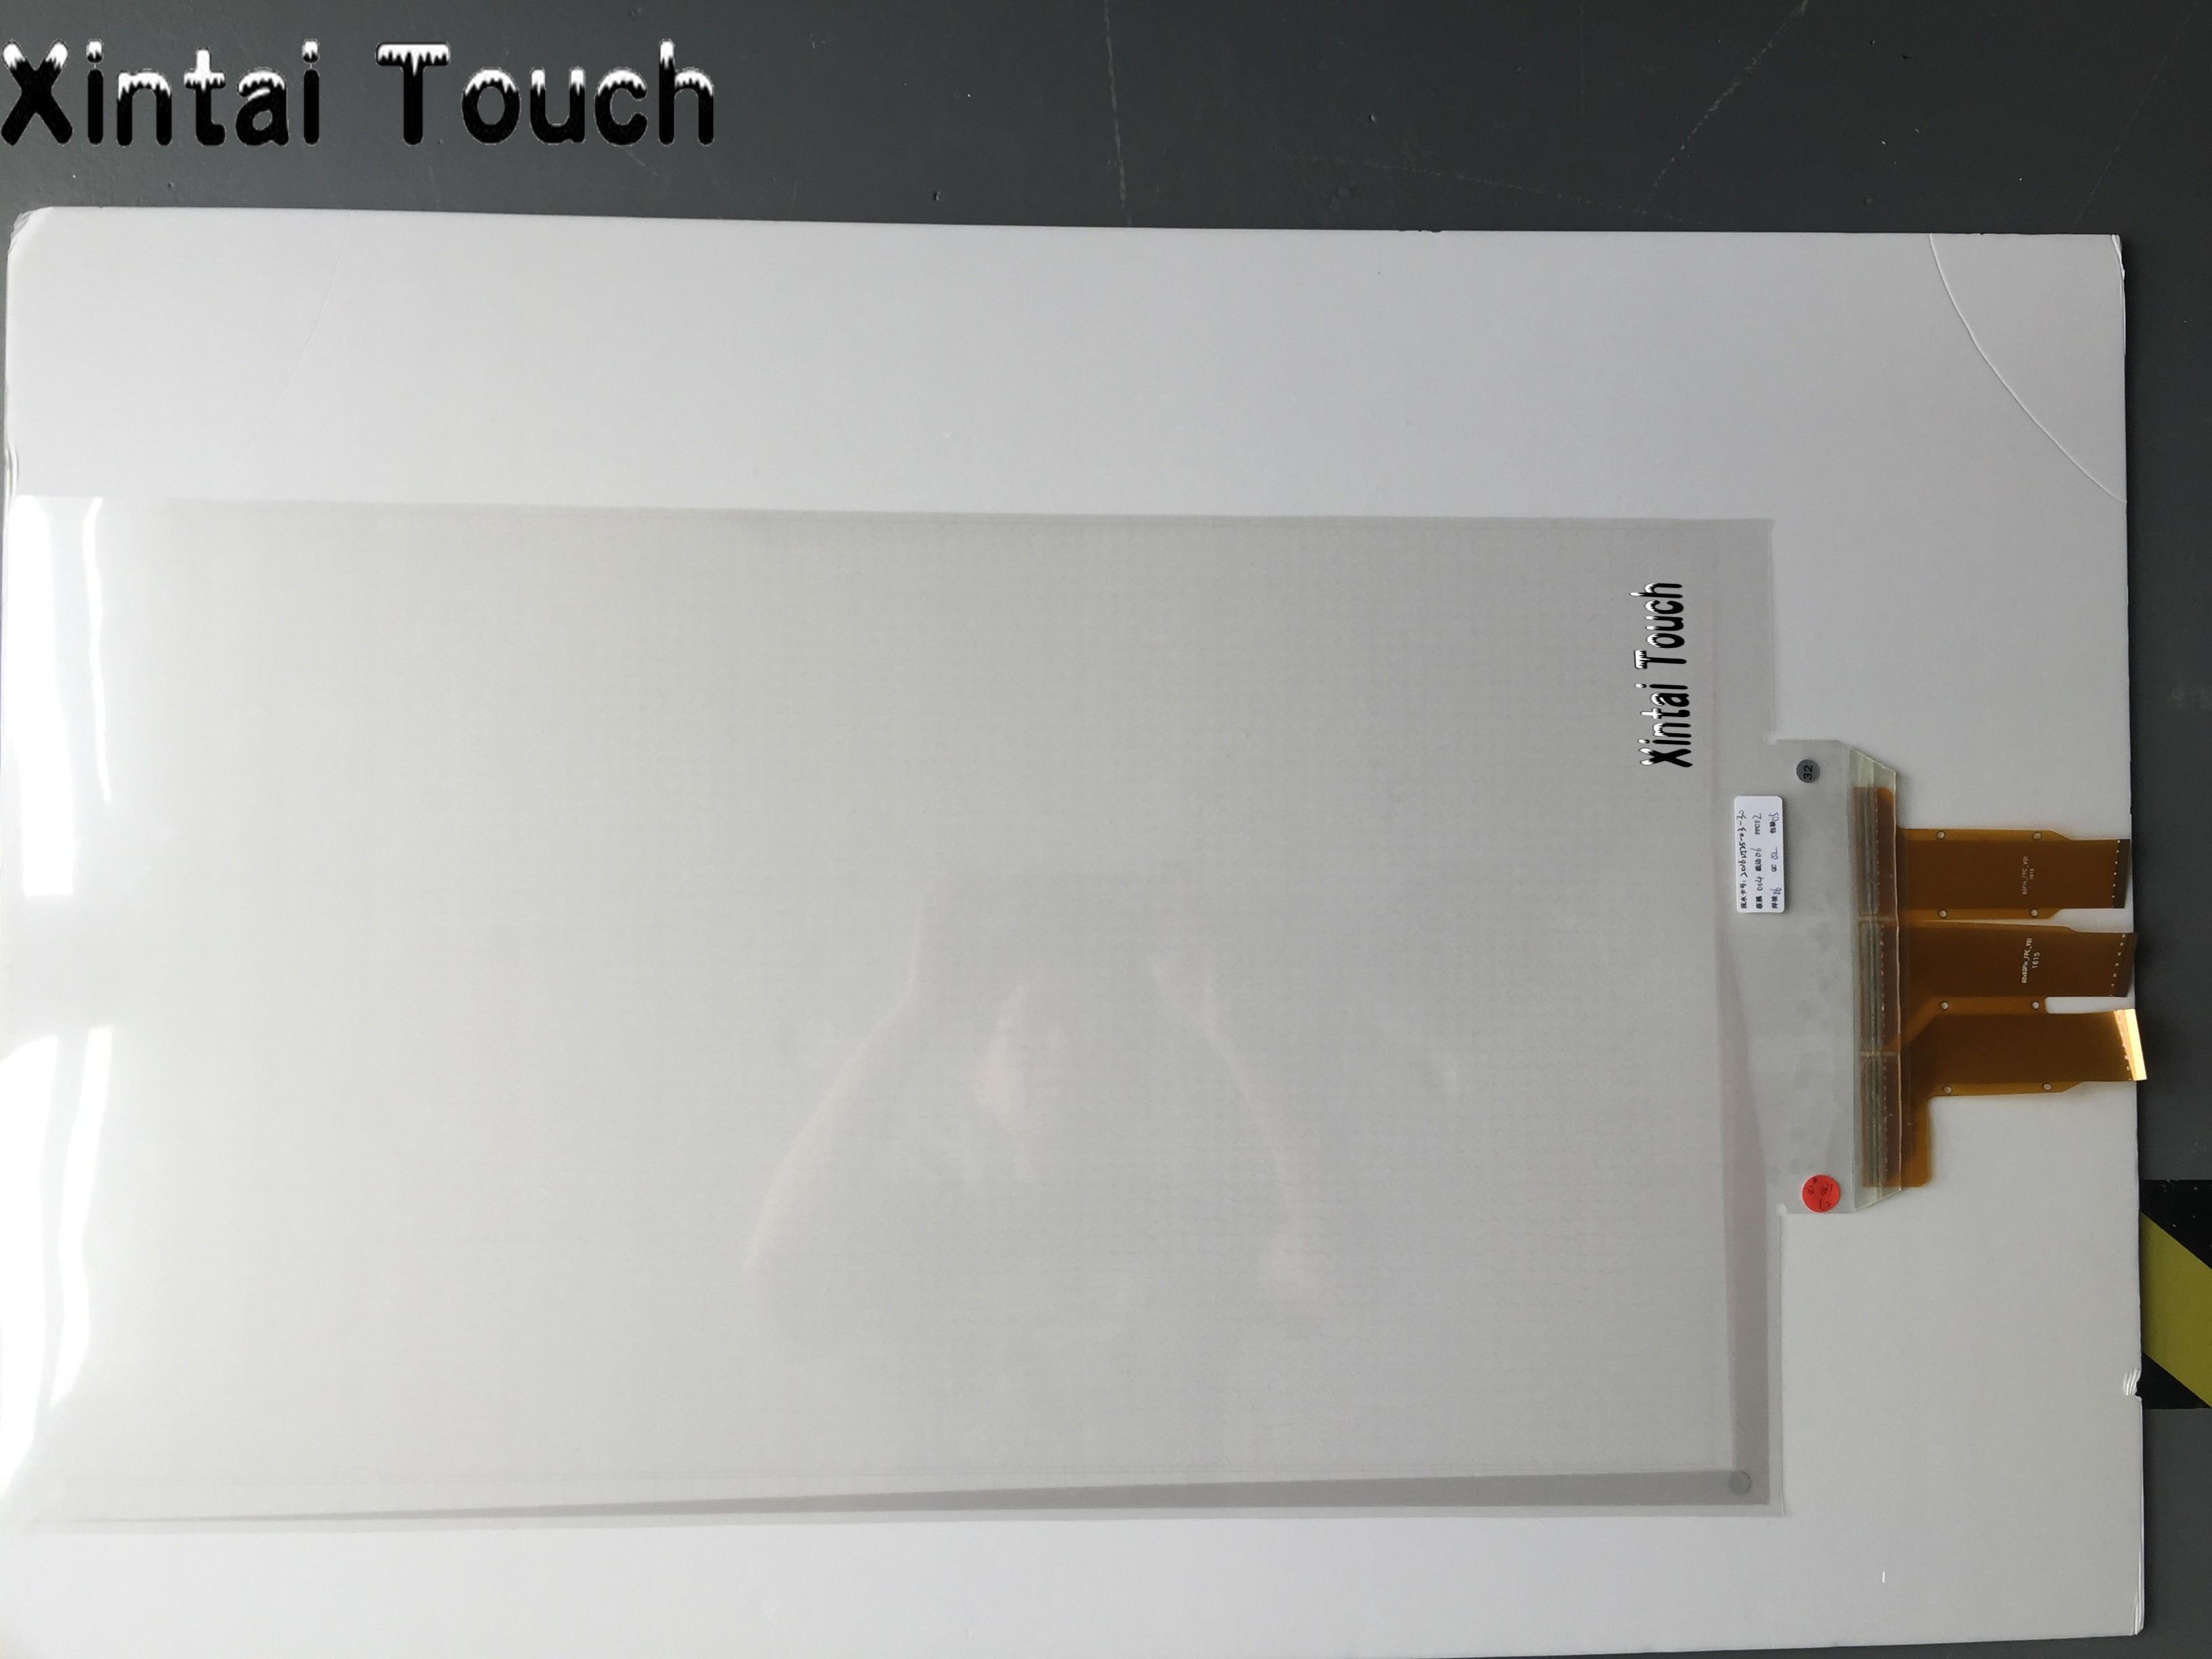 على بيع! ورق حائط تفاعلي يعمل باللمس مقاس 58 بوصة ، شاشة لمس مزدوجة ، للكشك ، طاولة ، إلخ